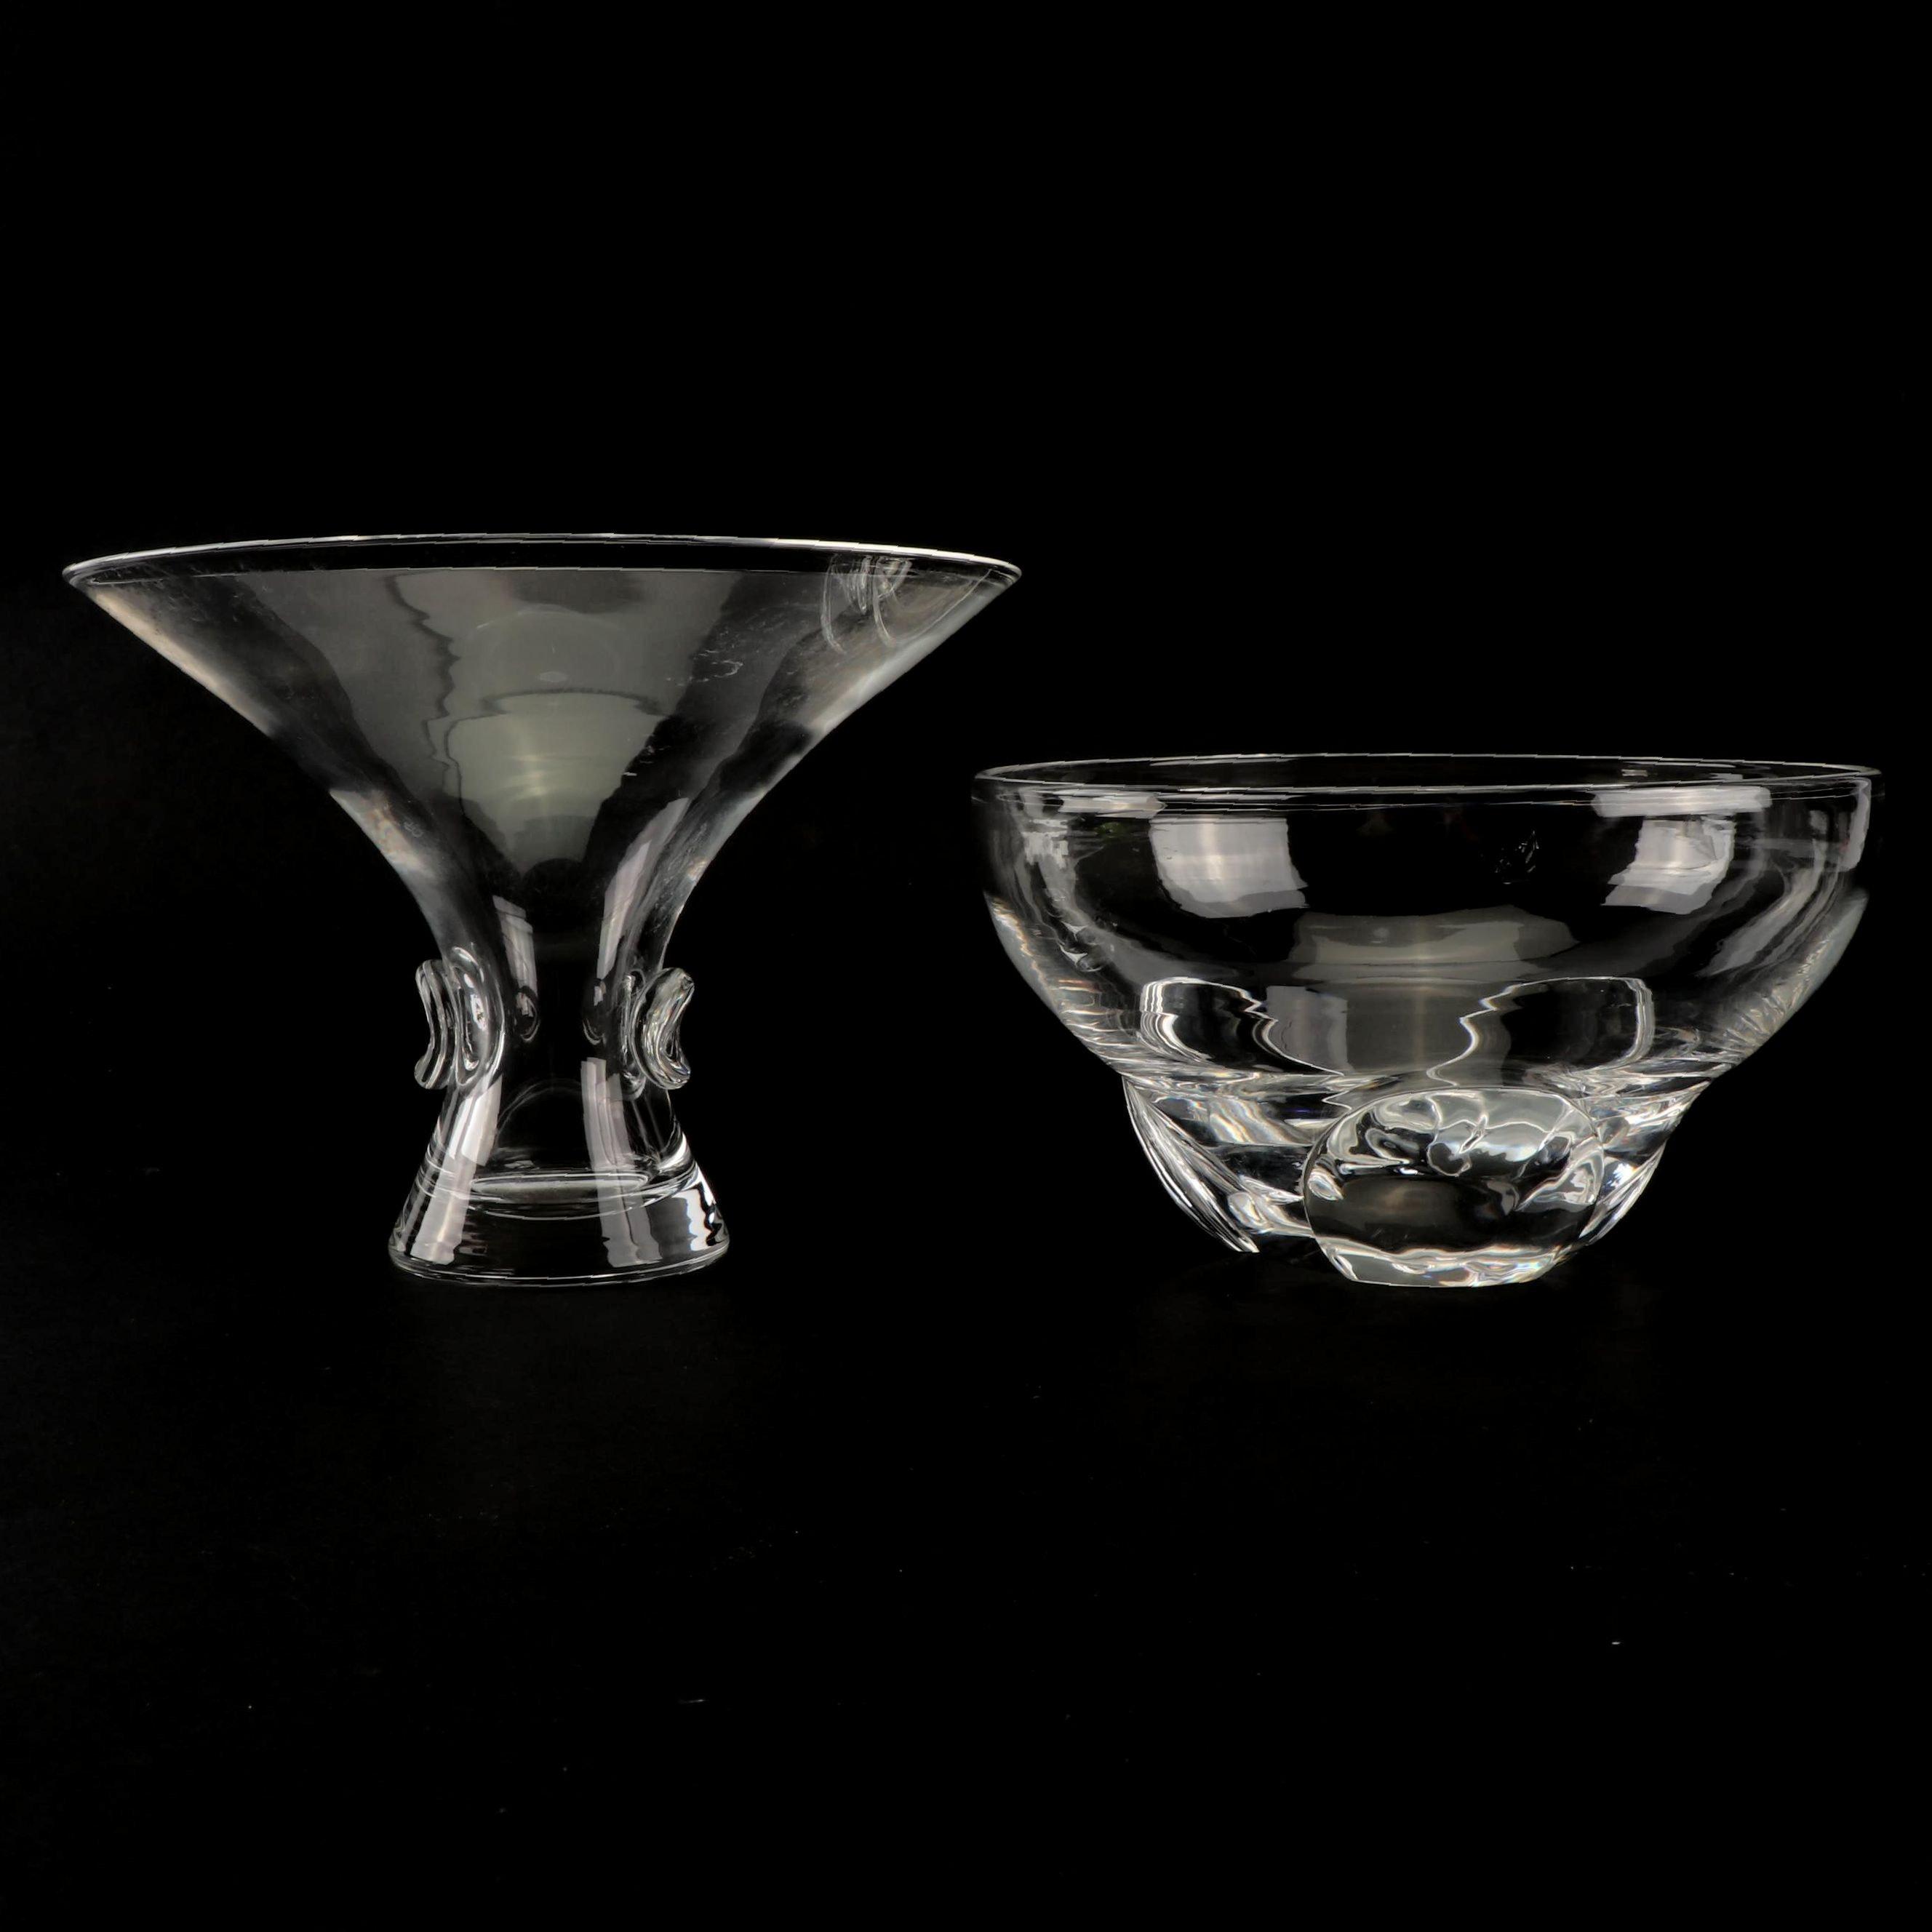 Two Steuben Glass Bowls